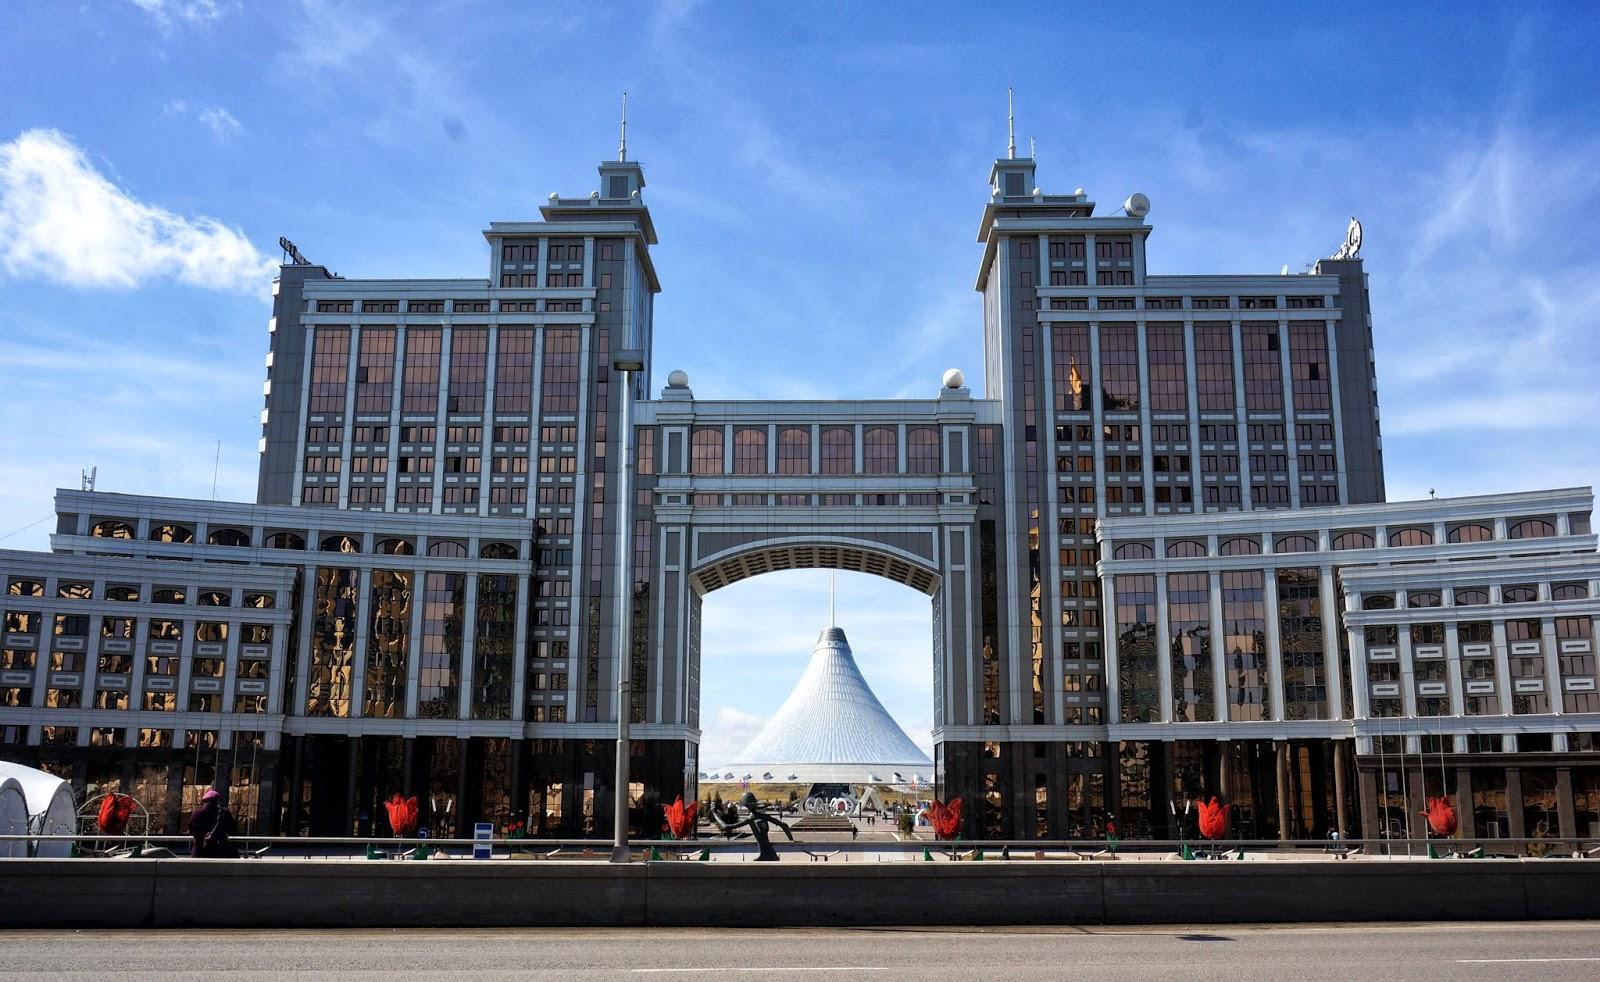 co zobaczyć w Astanie, wycieczka do Astany, wycieczka do Kazachstanu, zwiedzanie Kazachstanu, Astana w 3 dni, Astana w 1 dzień, budynki Astany, zabytki Astany